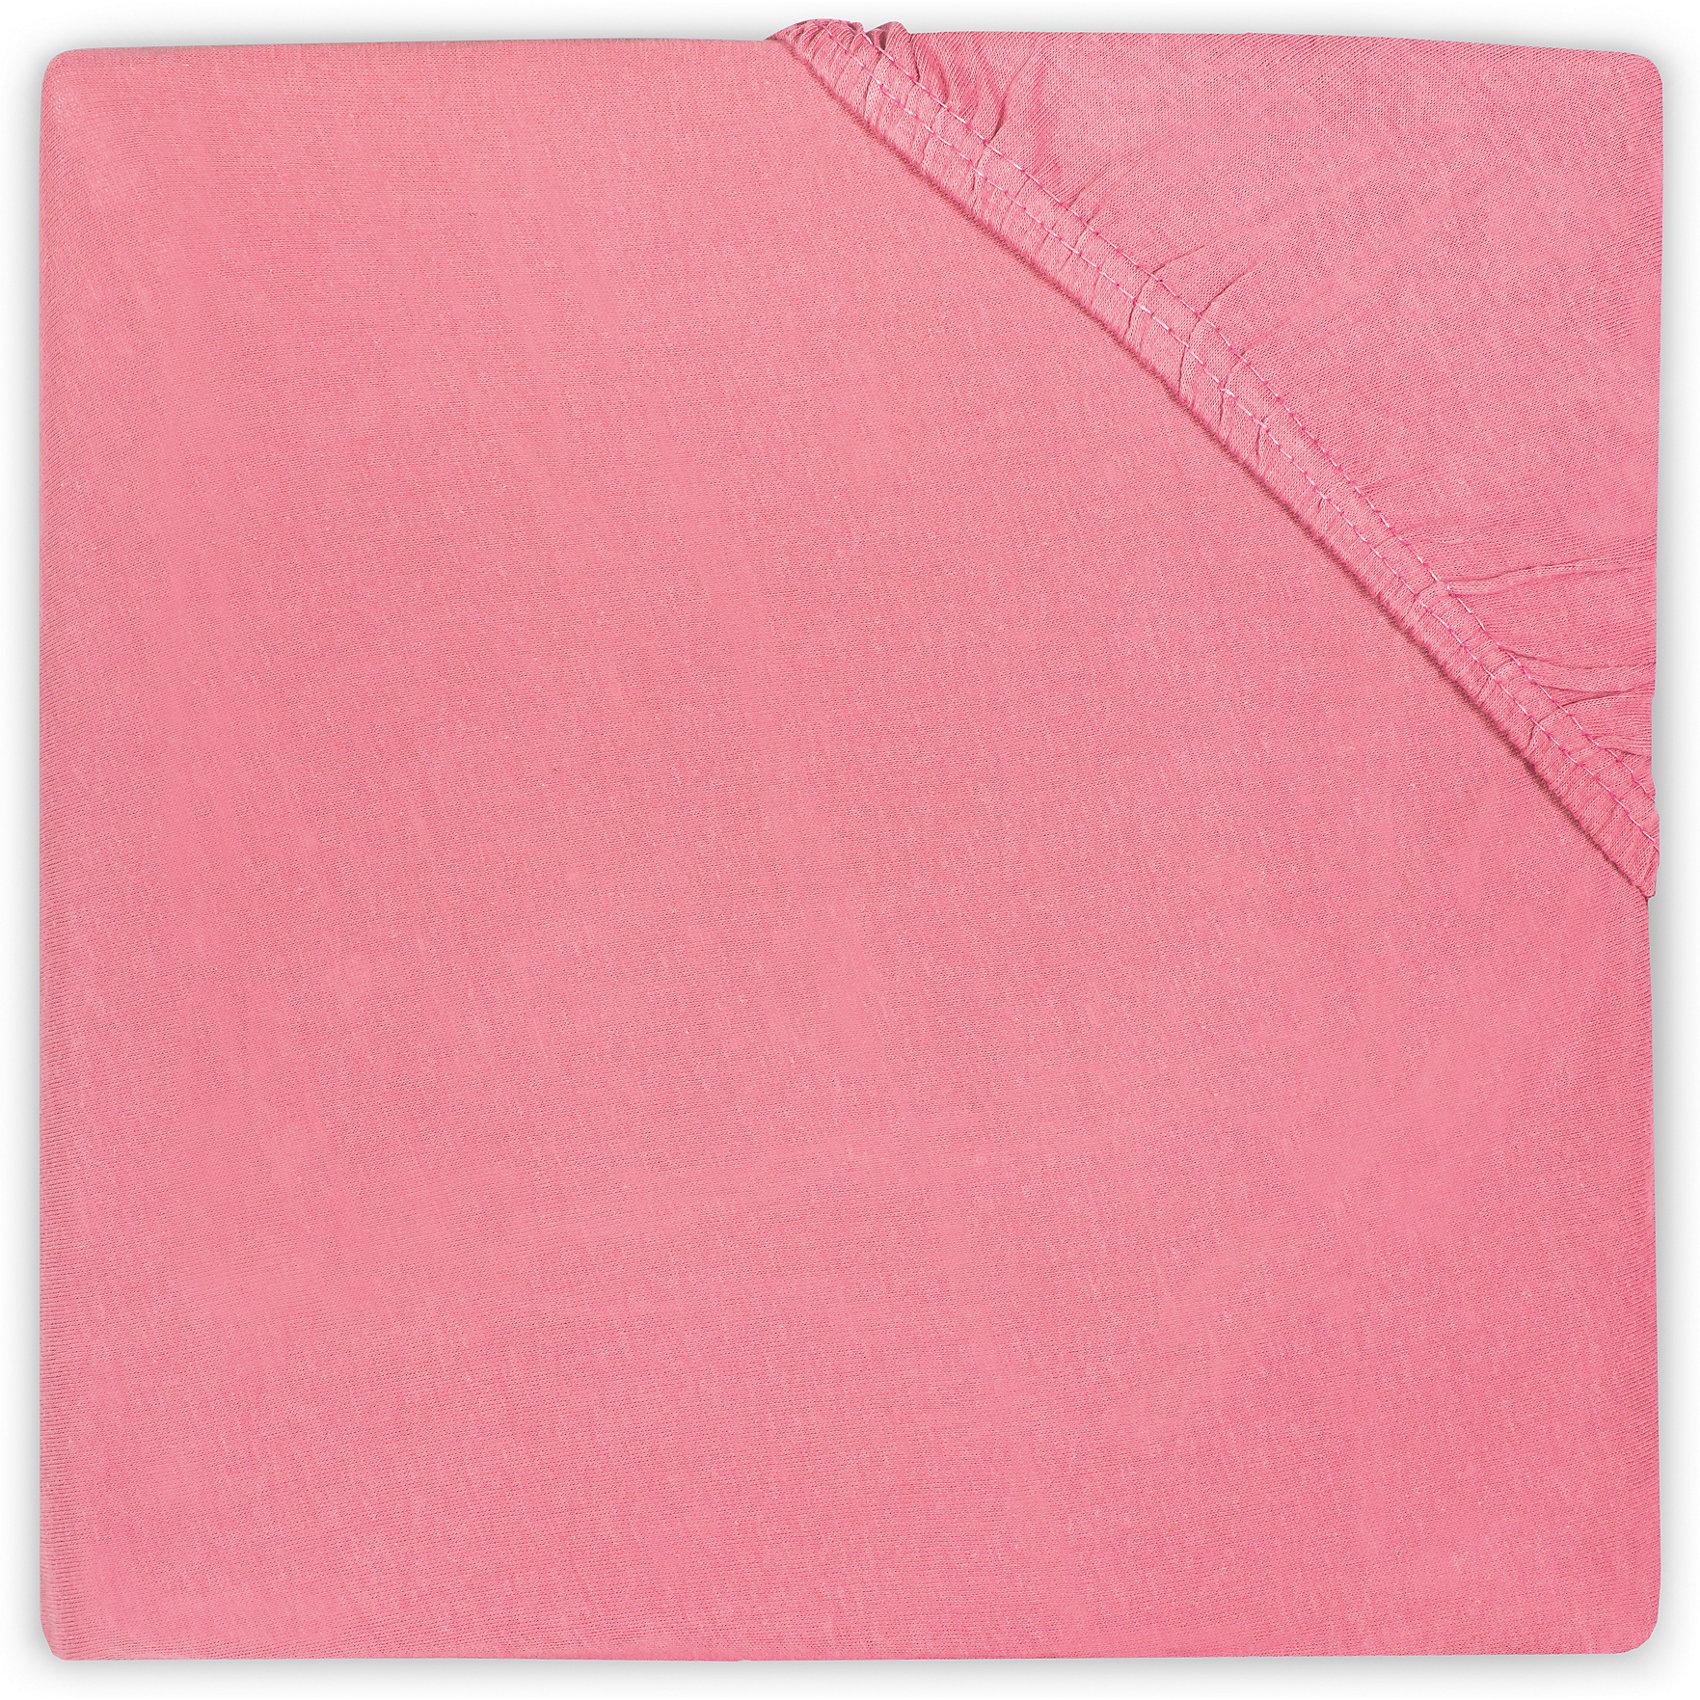 Простыня на резинке 60х120 см, Jollein, RaspberryПостельное бельё<br>Характеристики:<br><br>• Вид детского текстиля: простыня на резинке<br>• Пол: для девочки<br>• Цвет: малиновый<br>• Тематика рисунка: без рисунка<br>• Материал: 100% хлопок <br>• Подходит для детских кроваток стандартного размера<br>• Размер: 60*120 см<br>• Вес: 200 г<br>• Особенности ухода: машинная или ручная стирка при температуре не более 60 градусов<br><br>Простыня на резинке 60х120 см, Jollein, Raspberry от торговой марки Жолляйн, которая является признанным лидером среди аналогичных брендов, выпускающих детское постельное белье и текстиль для новорожденных. Продукция этого торгового бренда отличается высоким качеством и дизайнерским стилем. <br><br>Простыня выполнена из натурального хлопка, который обладает высокими гигиеническими и гигроскопическими свойствами. Легко стирается и быстро высыхает. Простыня на резинке плотно и хорошо садится на матрасик, что препятствует ее сбиванию и образованию складок, даже если ребенок спит неспокойно. <br><br>Простынь выполнена в однотонном цвете, поэтому она подойдет к любому комплекту постельного белья. Простыня на резинке 60х120 см, Jollein, Raspberry – это стиль и качество для сладких сновидений вашего малыша!<br><br>Простыню на резинке 60х120 см, Jollein, Raspberry можно купить в нашем интернет-магазине.<br><br>Ширина мм: 190<br>Глубина мм: 230<br>Высота мм: 30<br>Вес г: 270<br>Возраст от месяцев: 0<br>Возраст до месяцев: 36<br>Пол: Женский<br>Возраст: Детский<br>SKU: 5367127